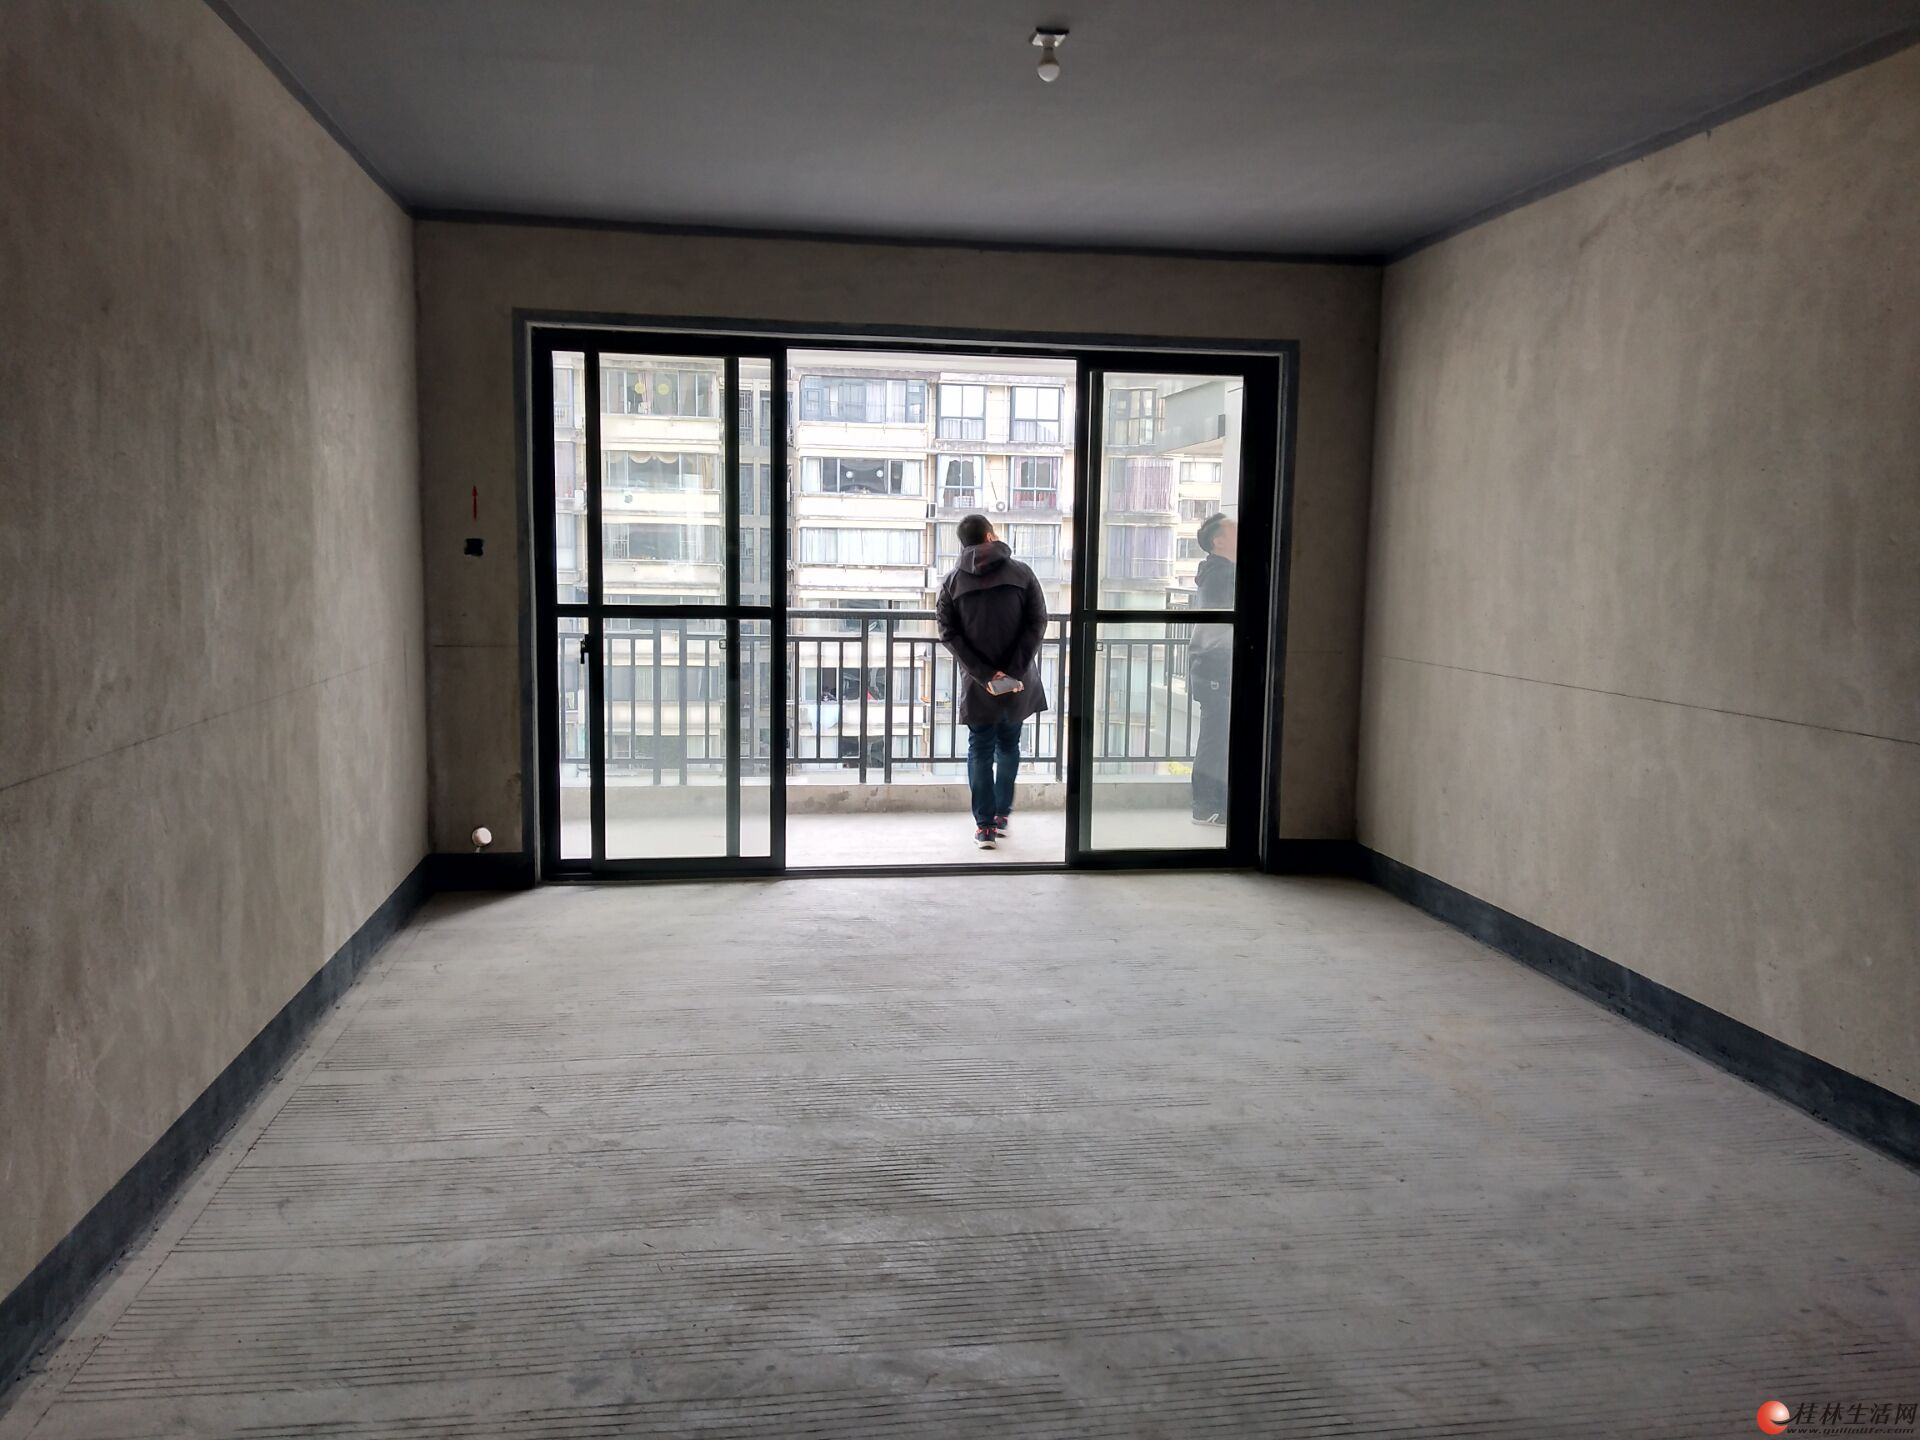 龙隐学区 三里店【冠泰城国】电梯楼王景观 南北向 清水3房2厅2卫150万